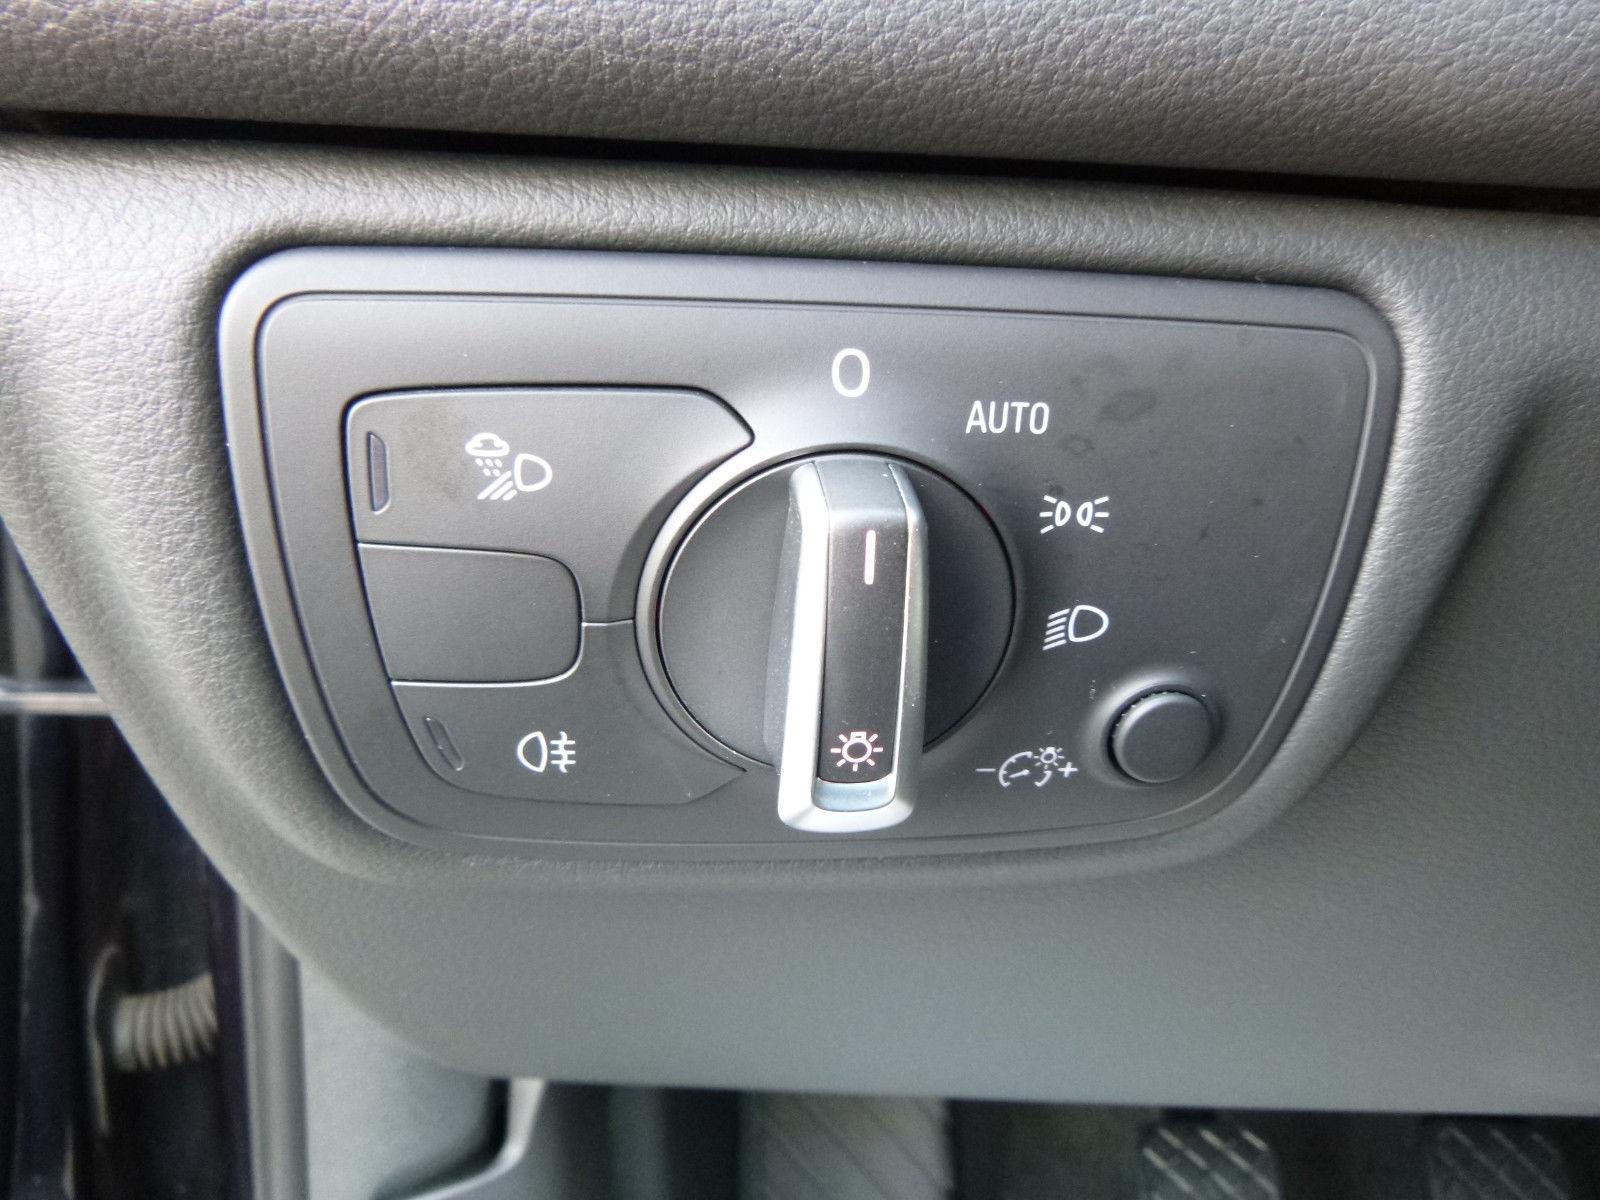 Покупка на кола от Германия -Ауди А6 2013-та, 2.0 TDI, 177 к.с.; 09.09.2017 Галерия (18)